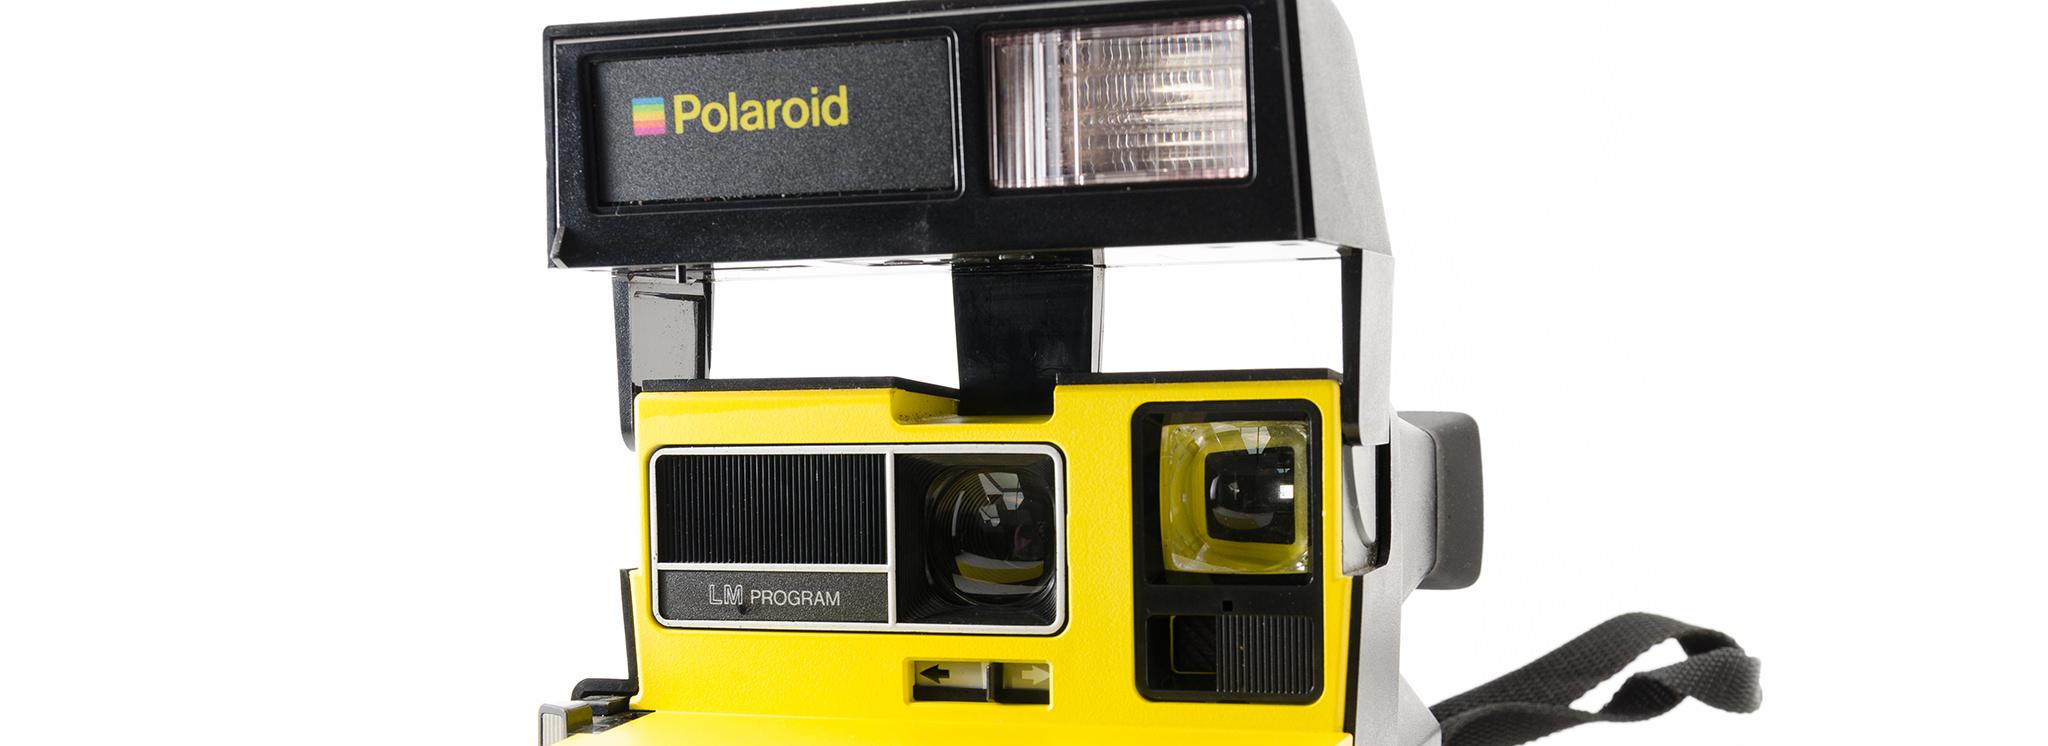 Sofortbildkameras f r deine hochzeit ideen formate kameras - Beste polaroid kamera ...